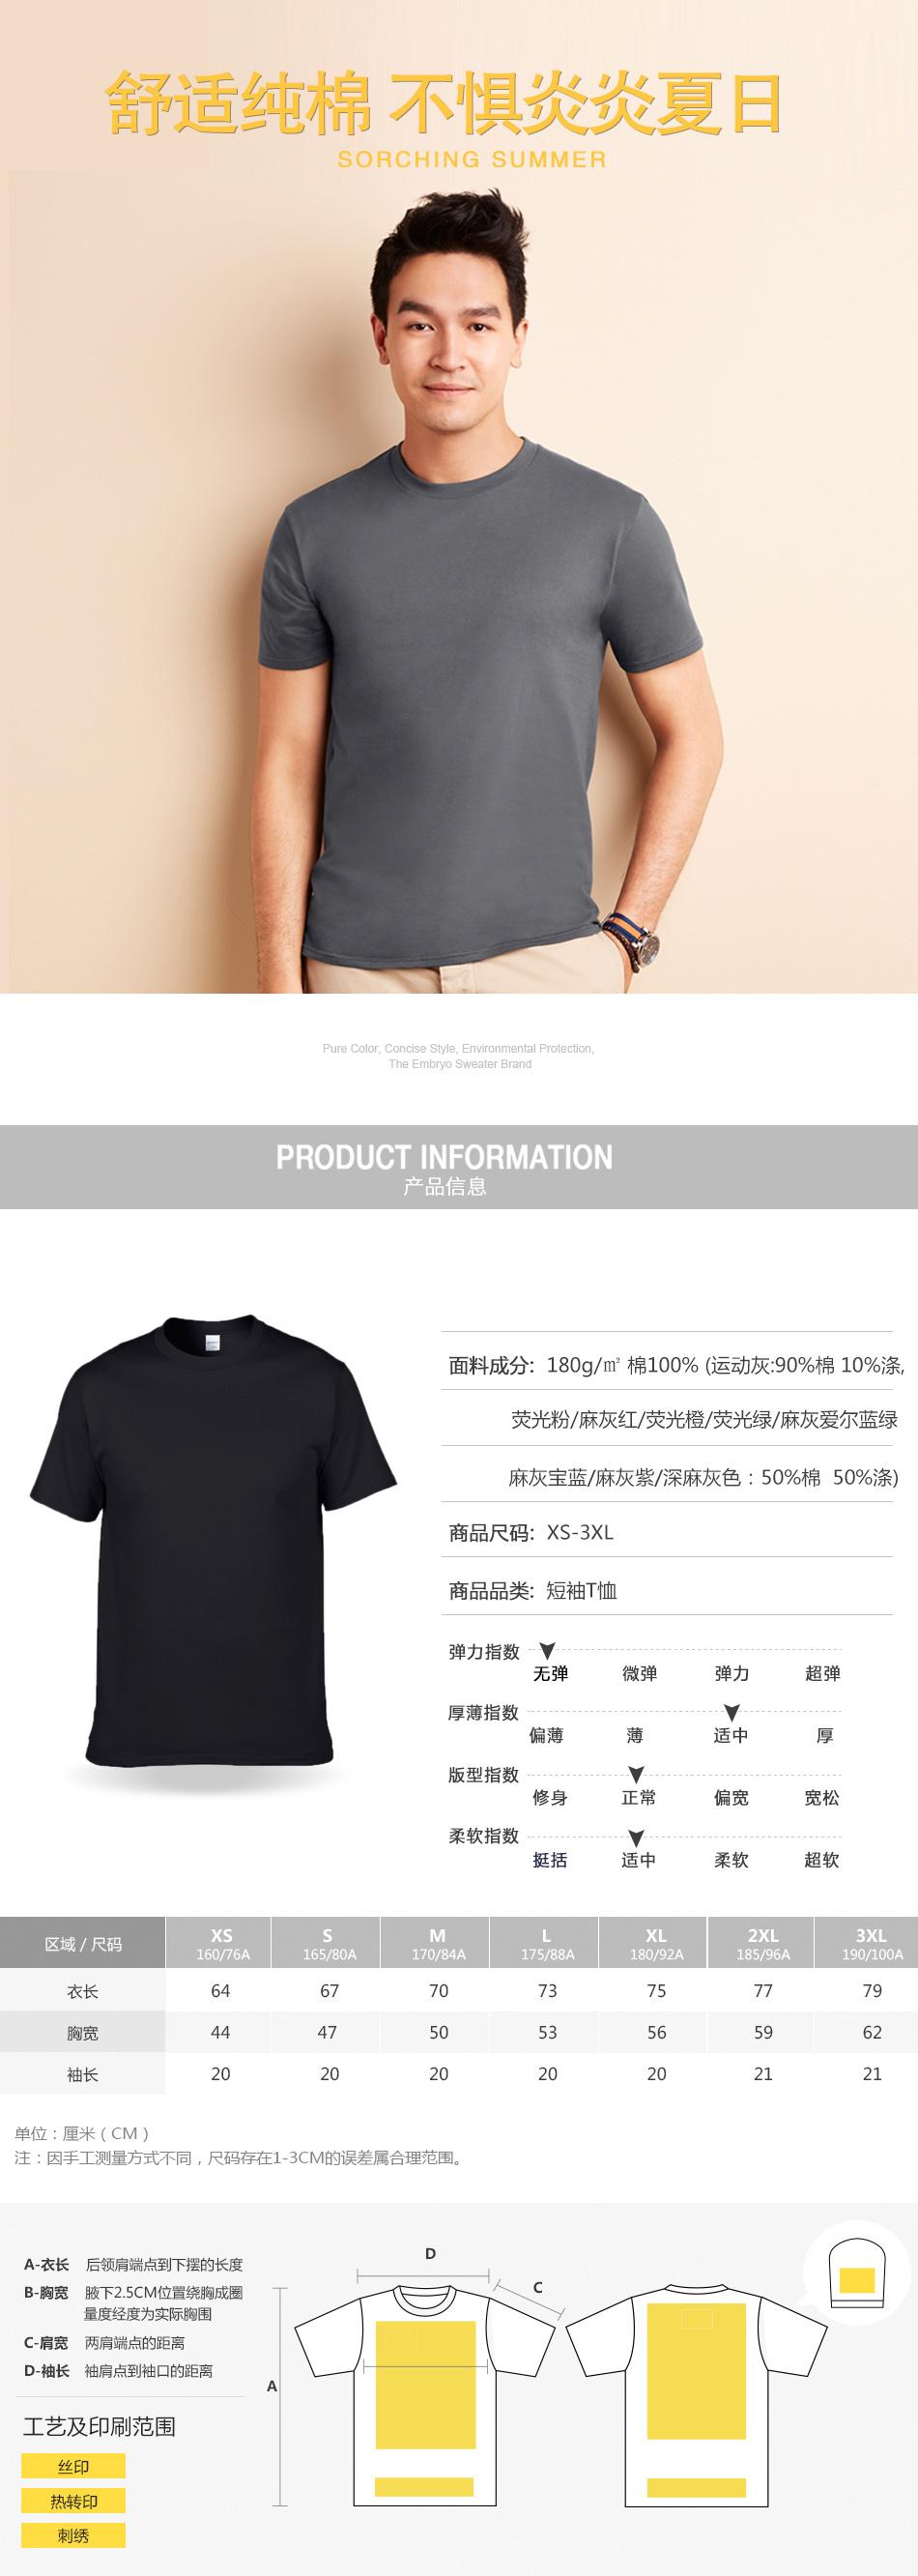 纯棉180g成人圆领短袖T恤